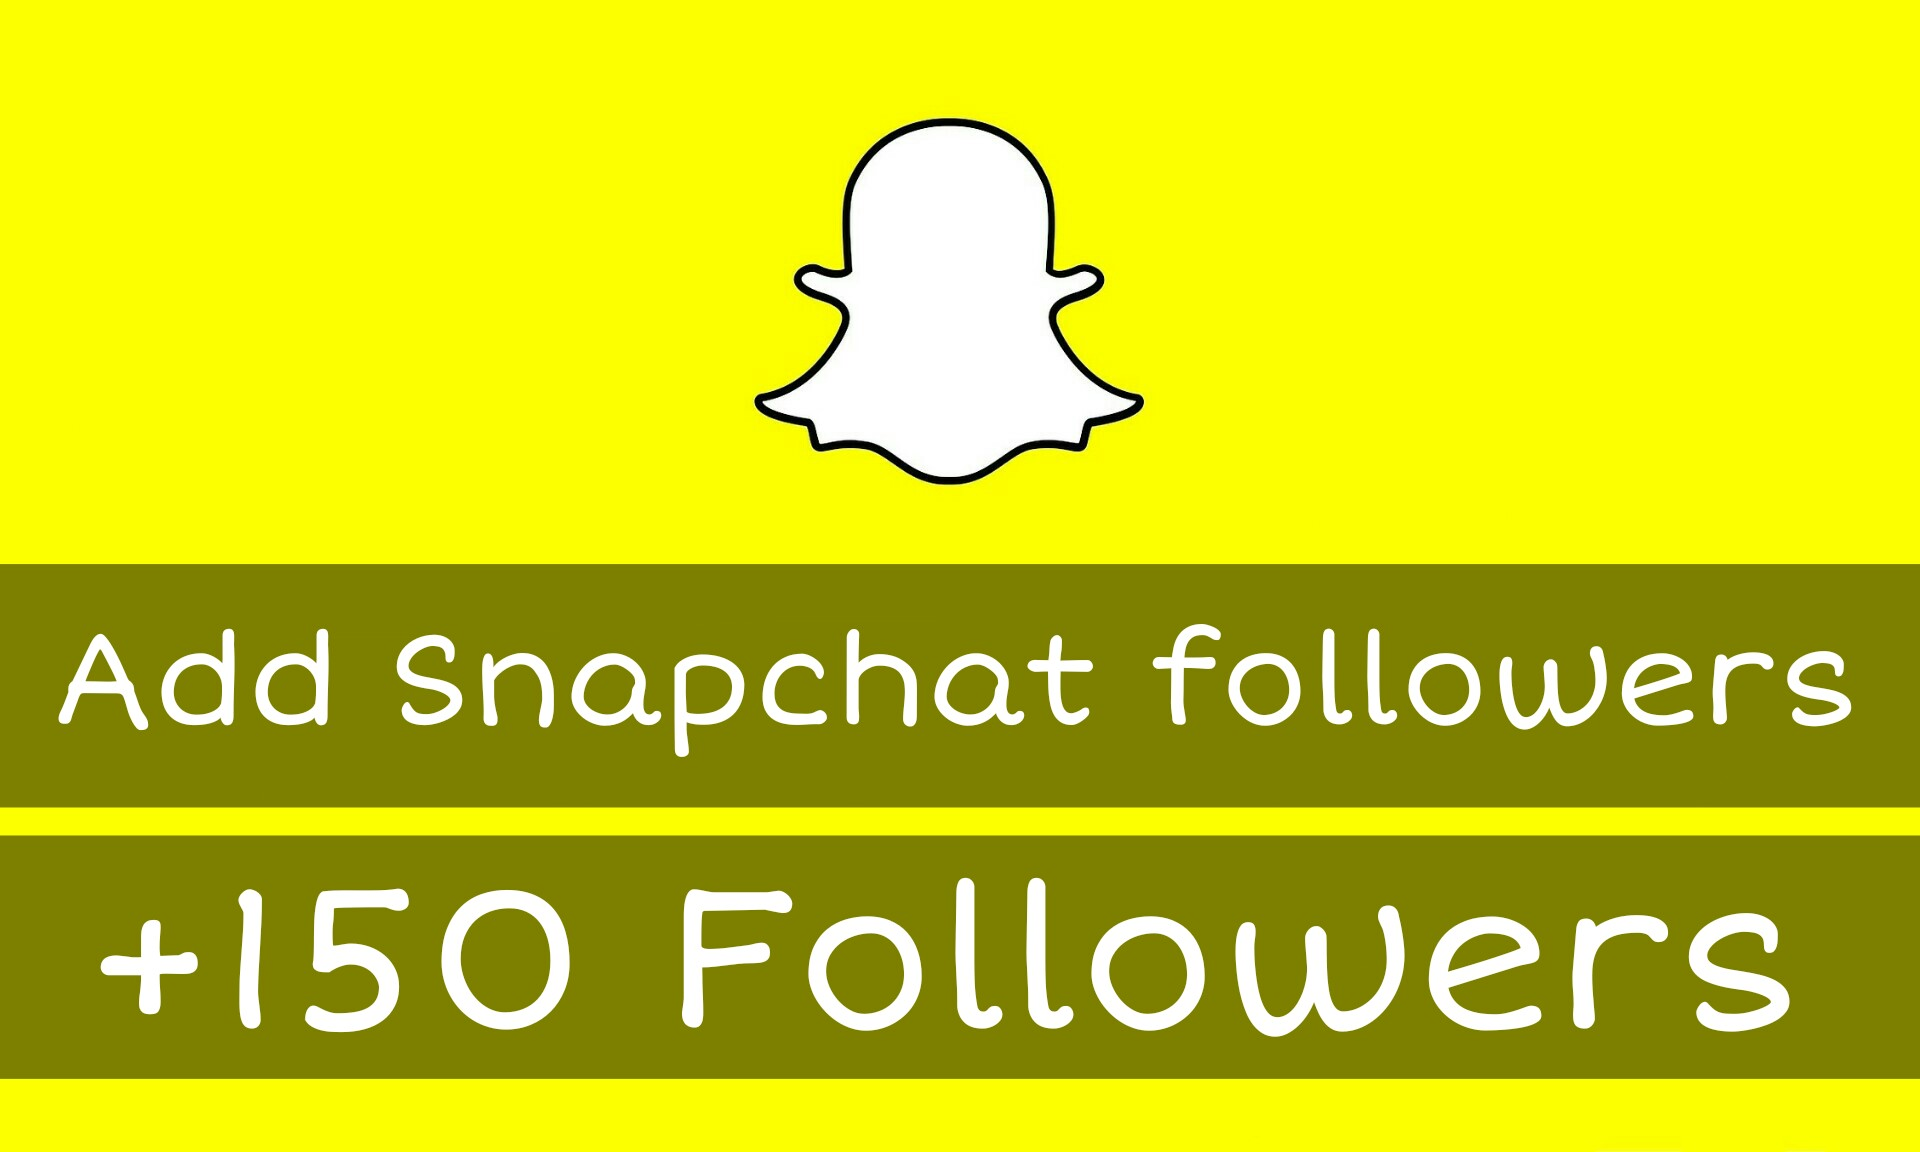 +150 Real Snapchat followers!